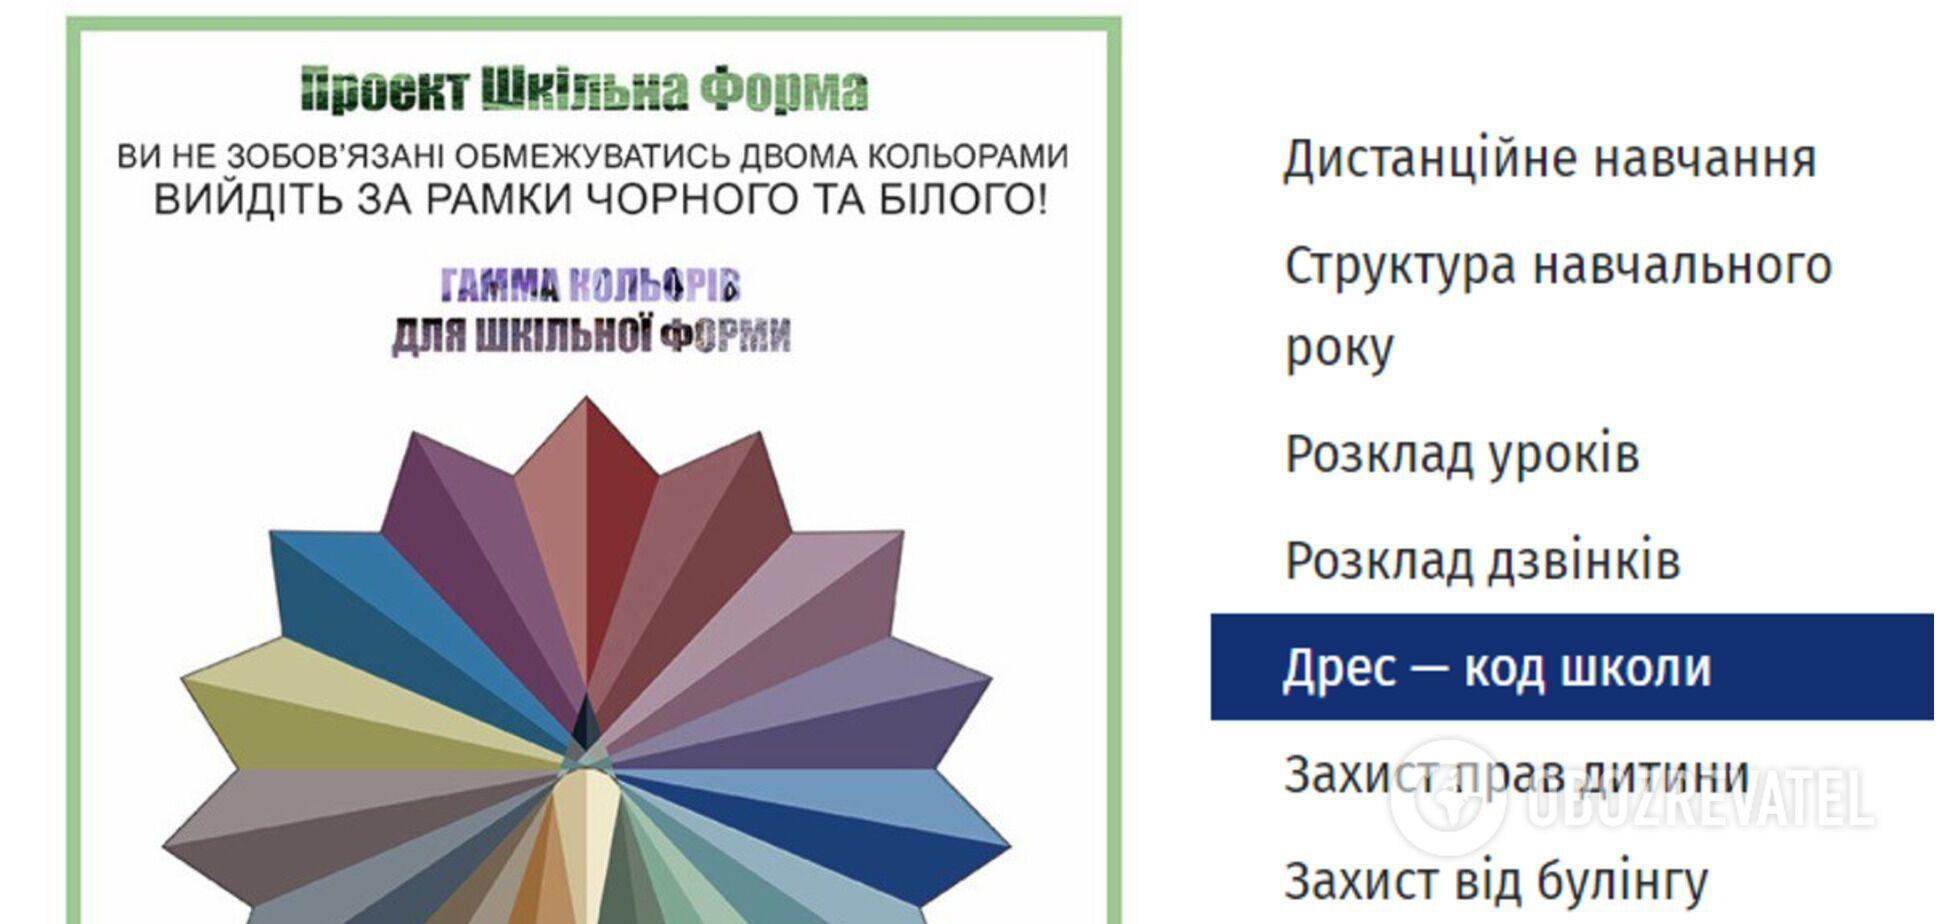 Дрес-код описаний на офіційному сайті школи.